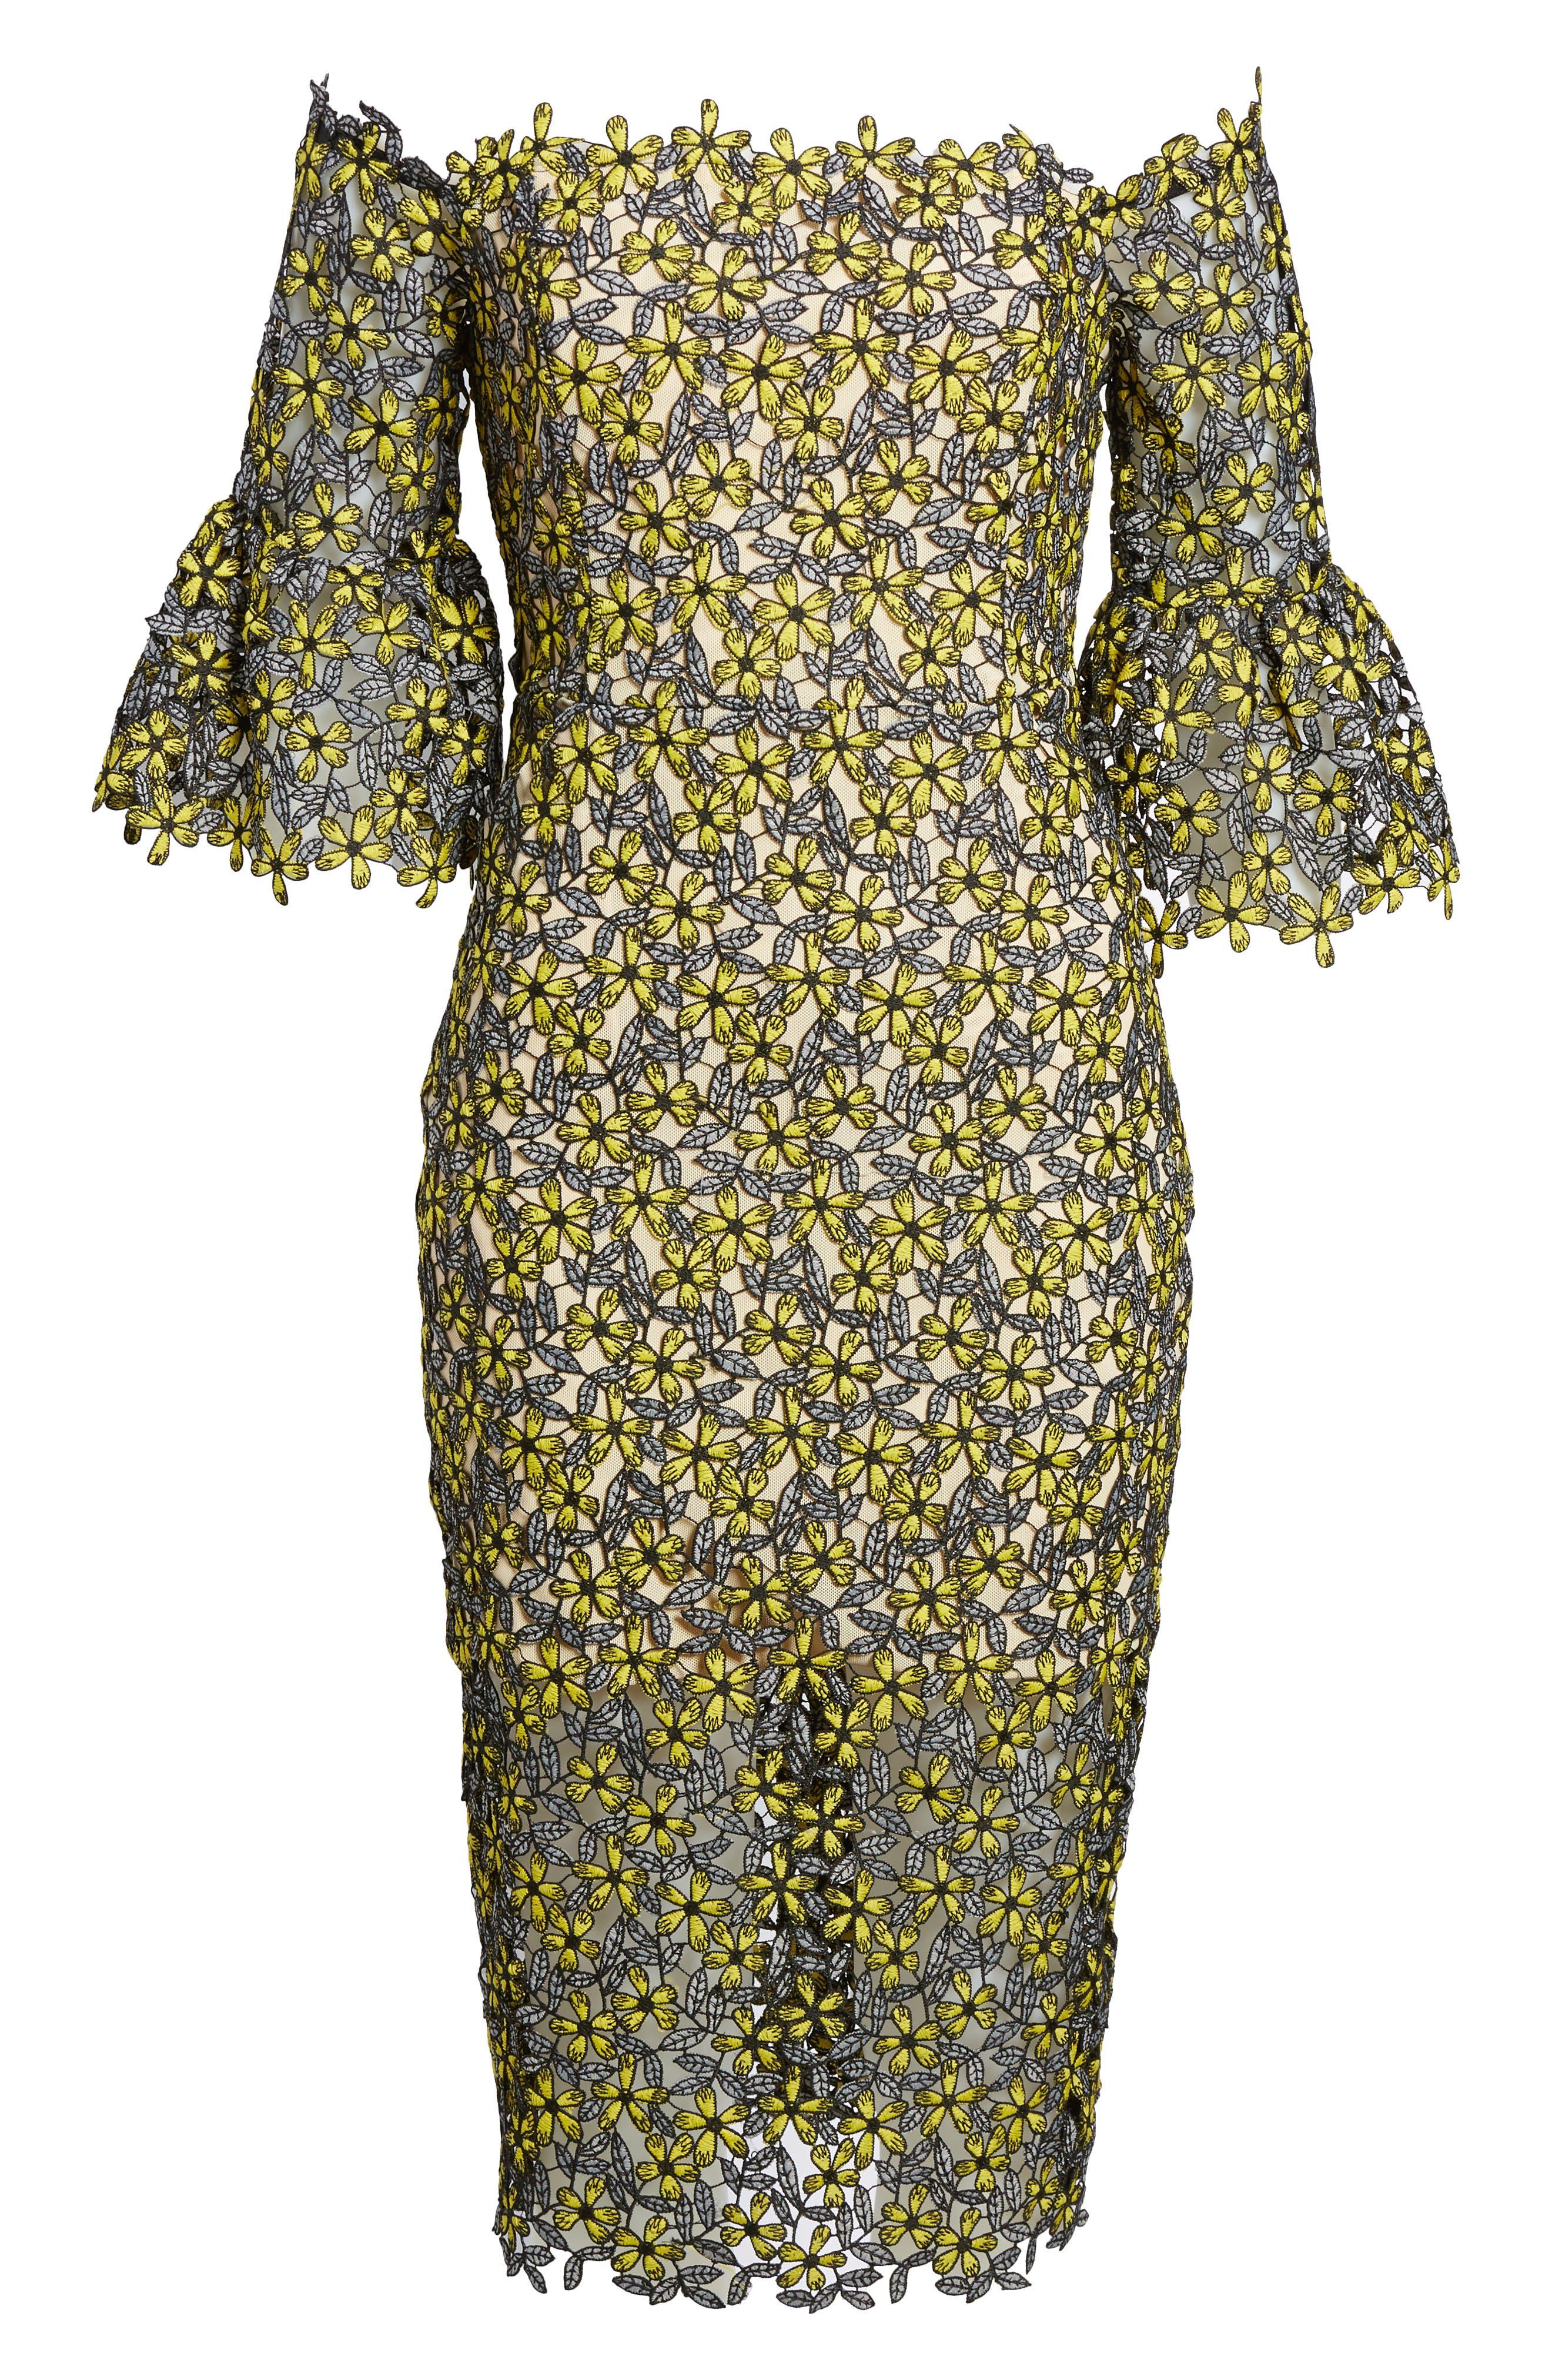 Eden Off the Shoulder Lace Dress,                             Alternate thumbnail 6, color,                             700